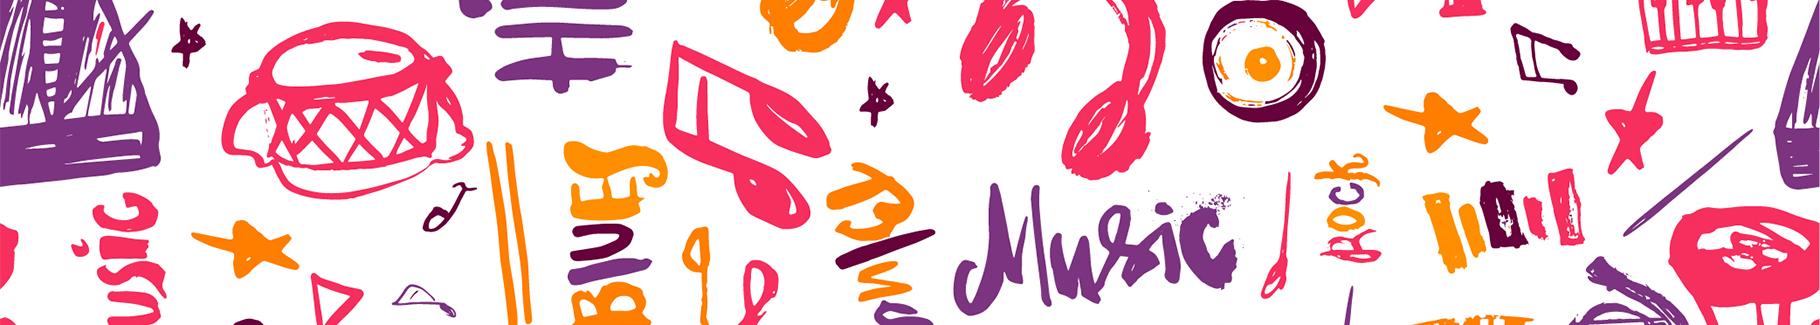 Plakat muzyczne symbole